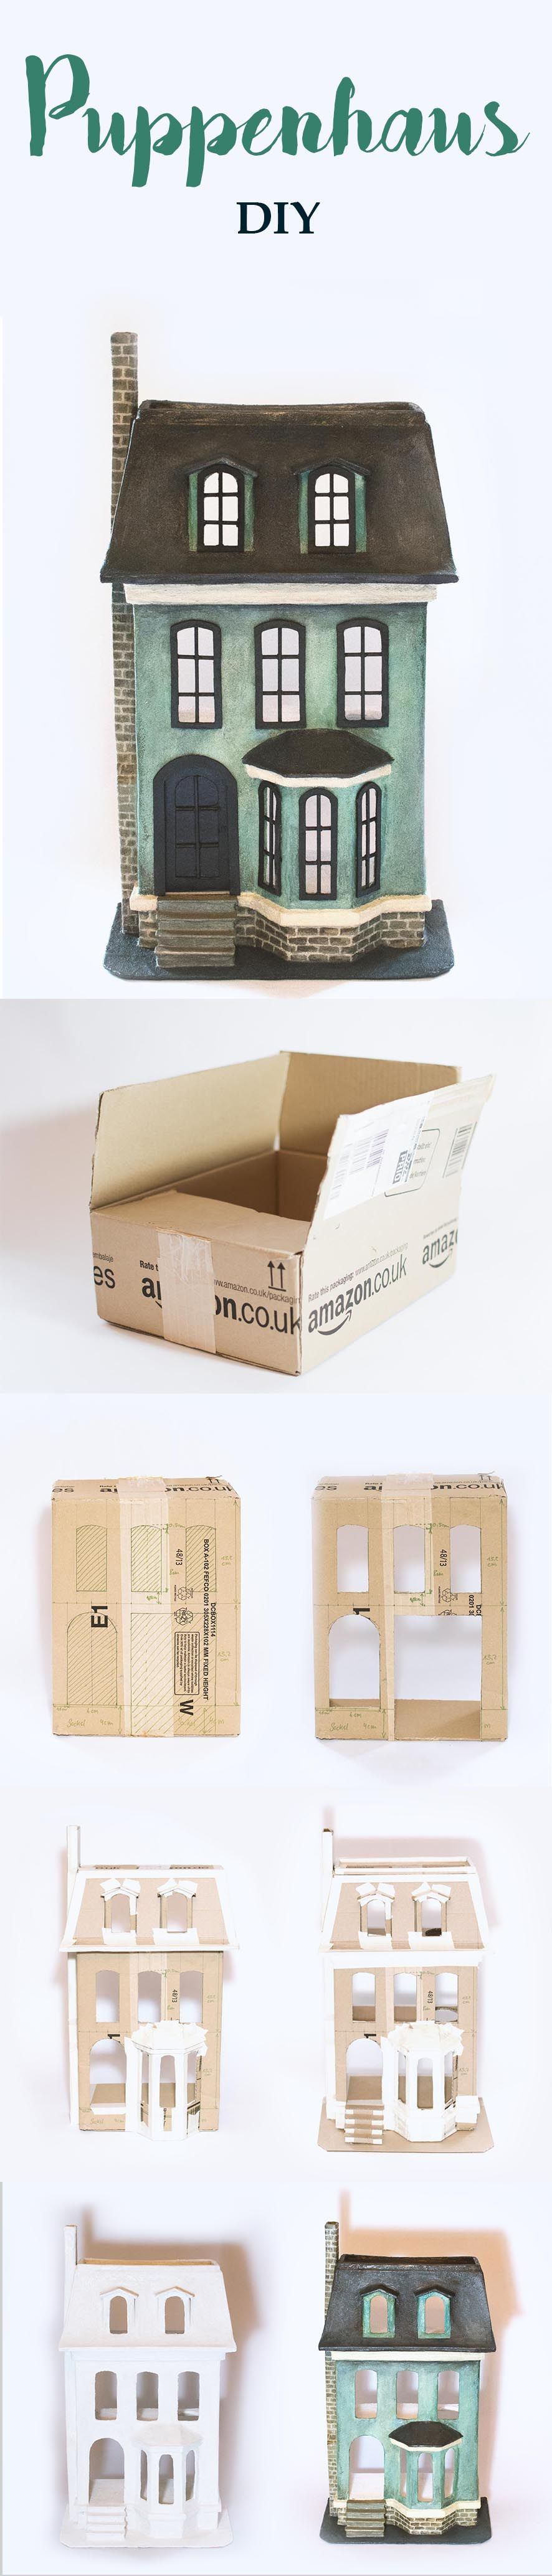 einfaches puppenhaus selber bauen aus altem versandkarton. Black Bedroom Furniture Sets. Home Design Ideas